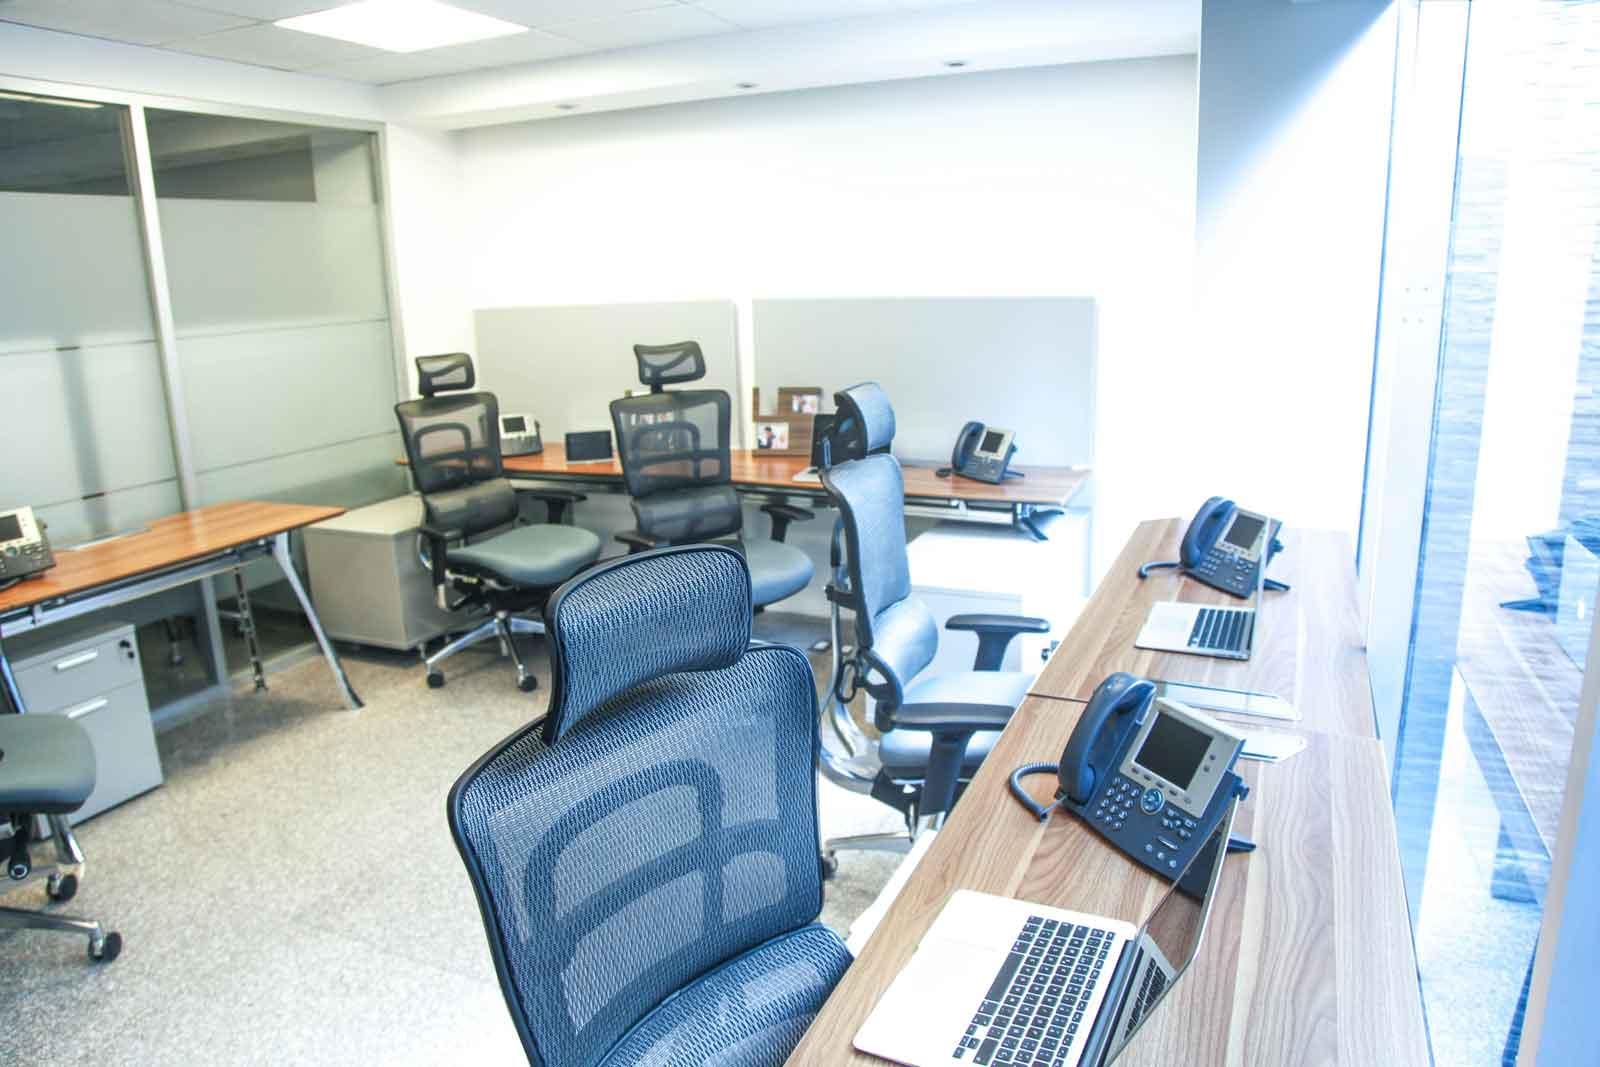 Oficinas privadas para su negocio con estilo moderno